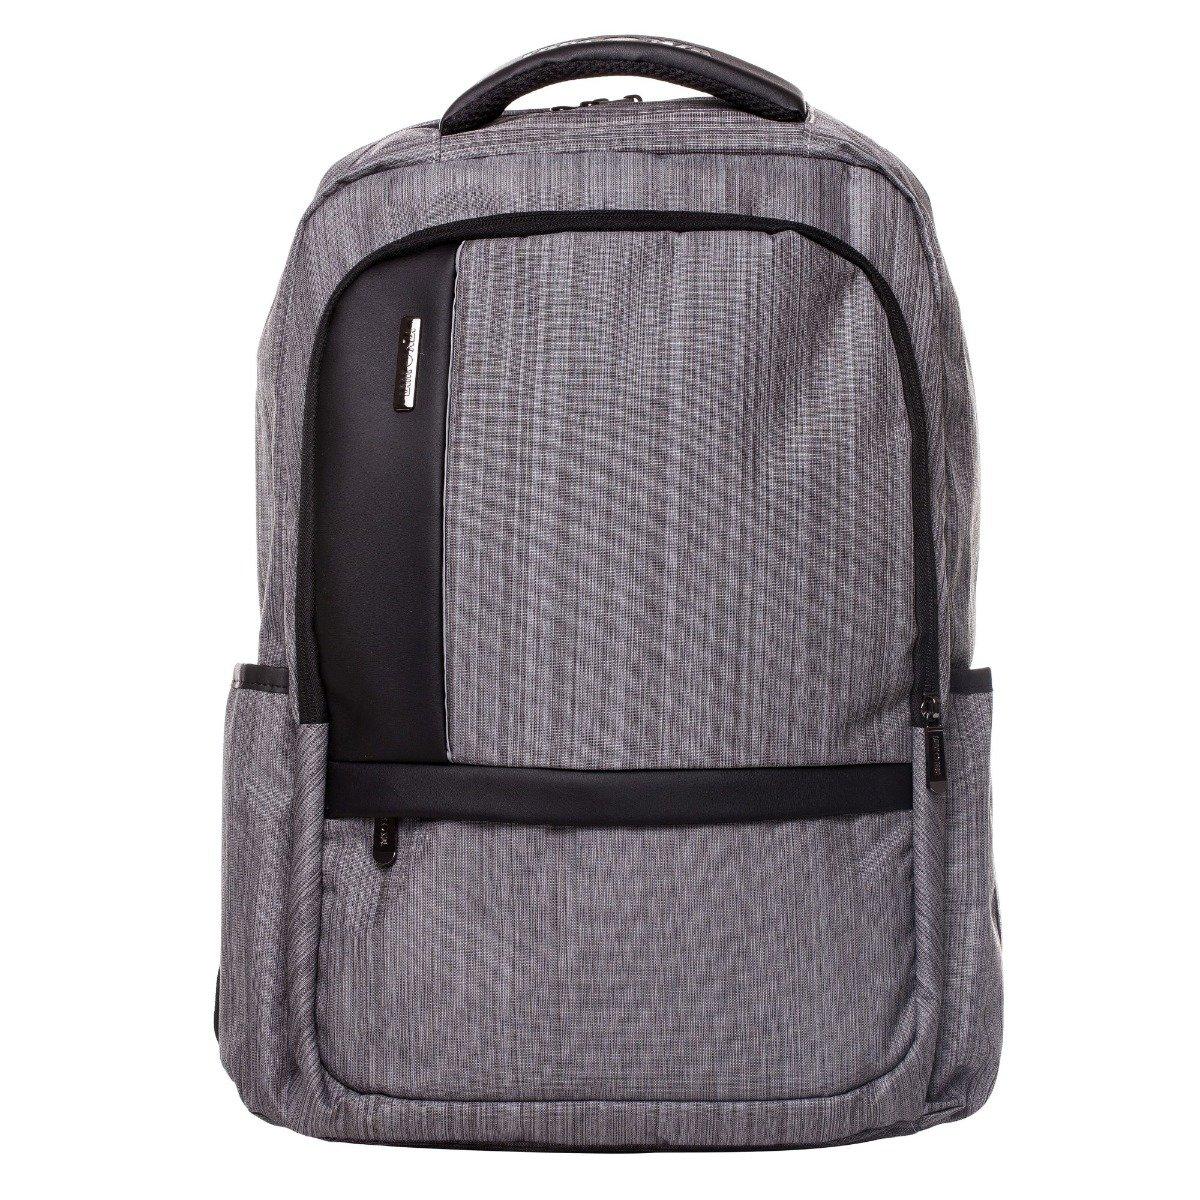 Rucsac pentru laptop Lamonza Pulse, Gri, 46 cm imagine